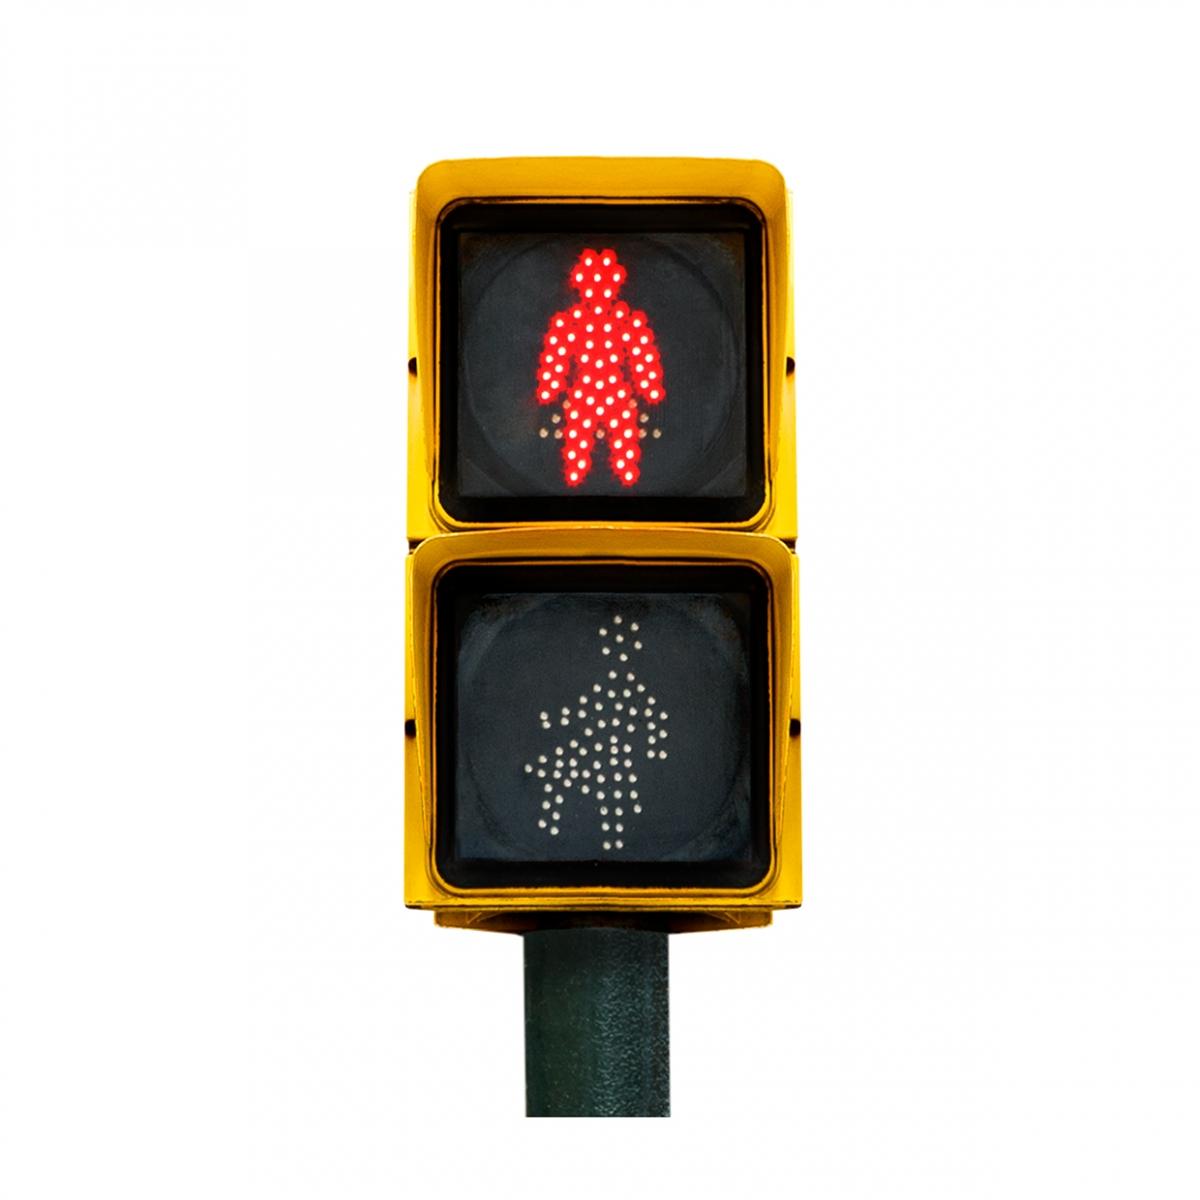 Imagen en la que se ve un semáforo de peatones con la luz roja iluminada